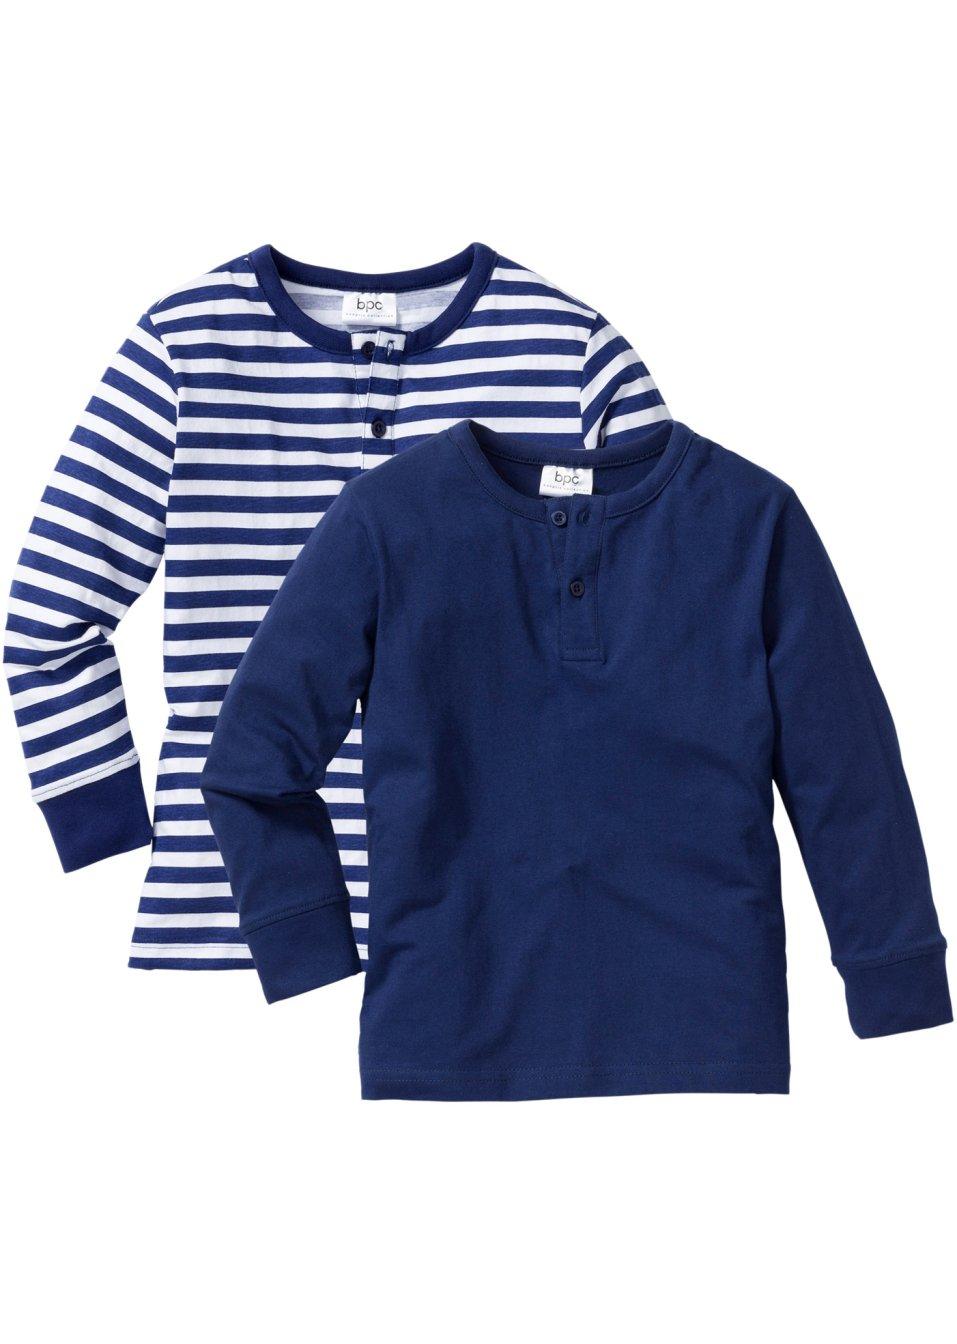 cooles langarmshirt mit knopfleiste und b ndchen mitternachtsblau wei mitternachtsblau. Black Bedroom Furniture Sets. Home Design Ideas